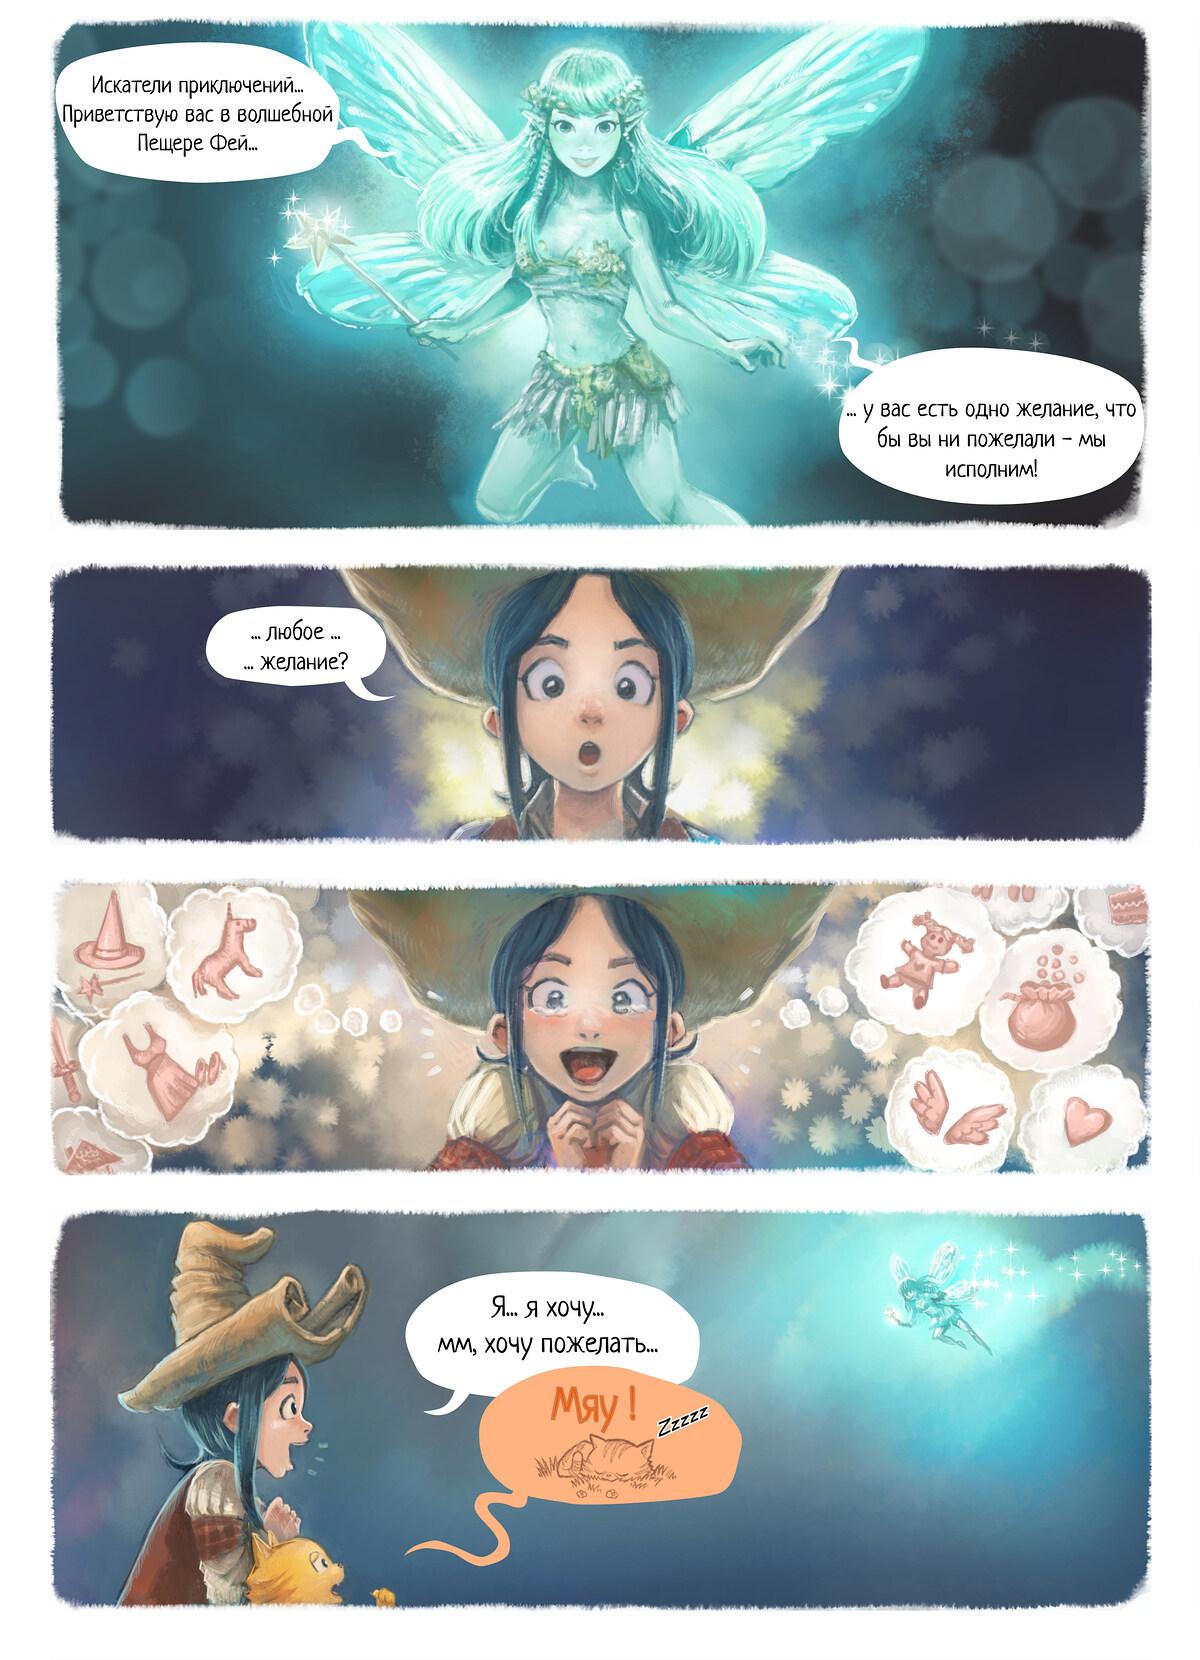 Эпизод 7: Желание, Page 4